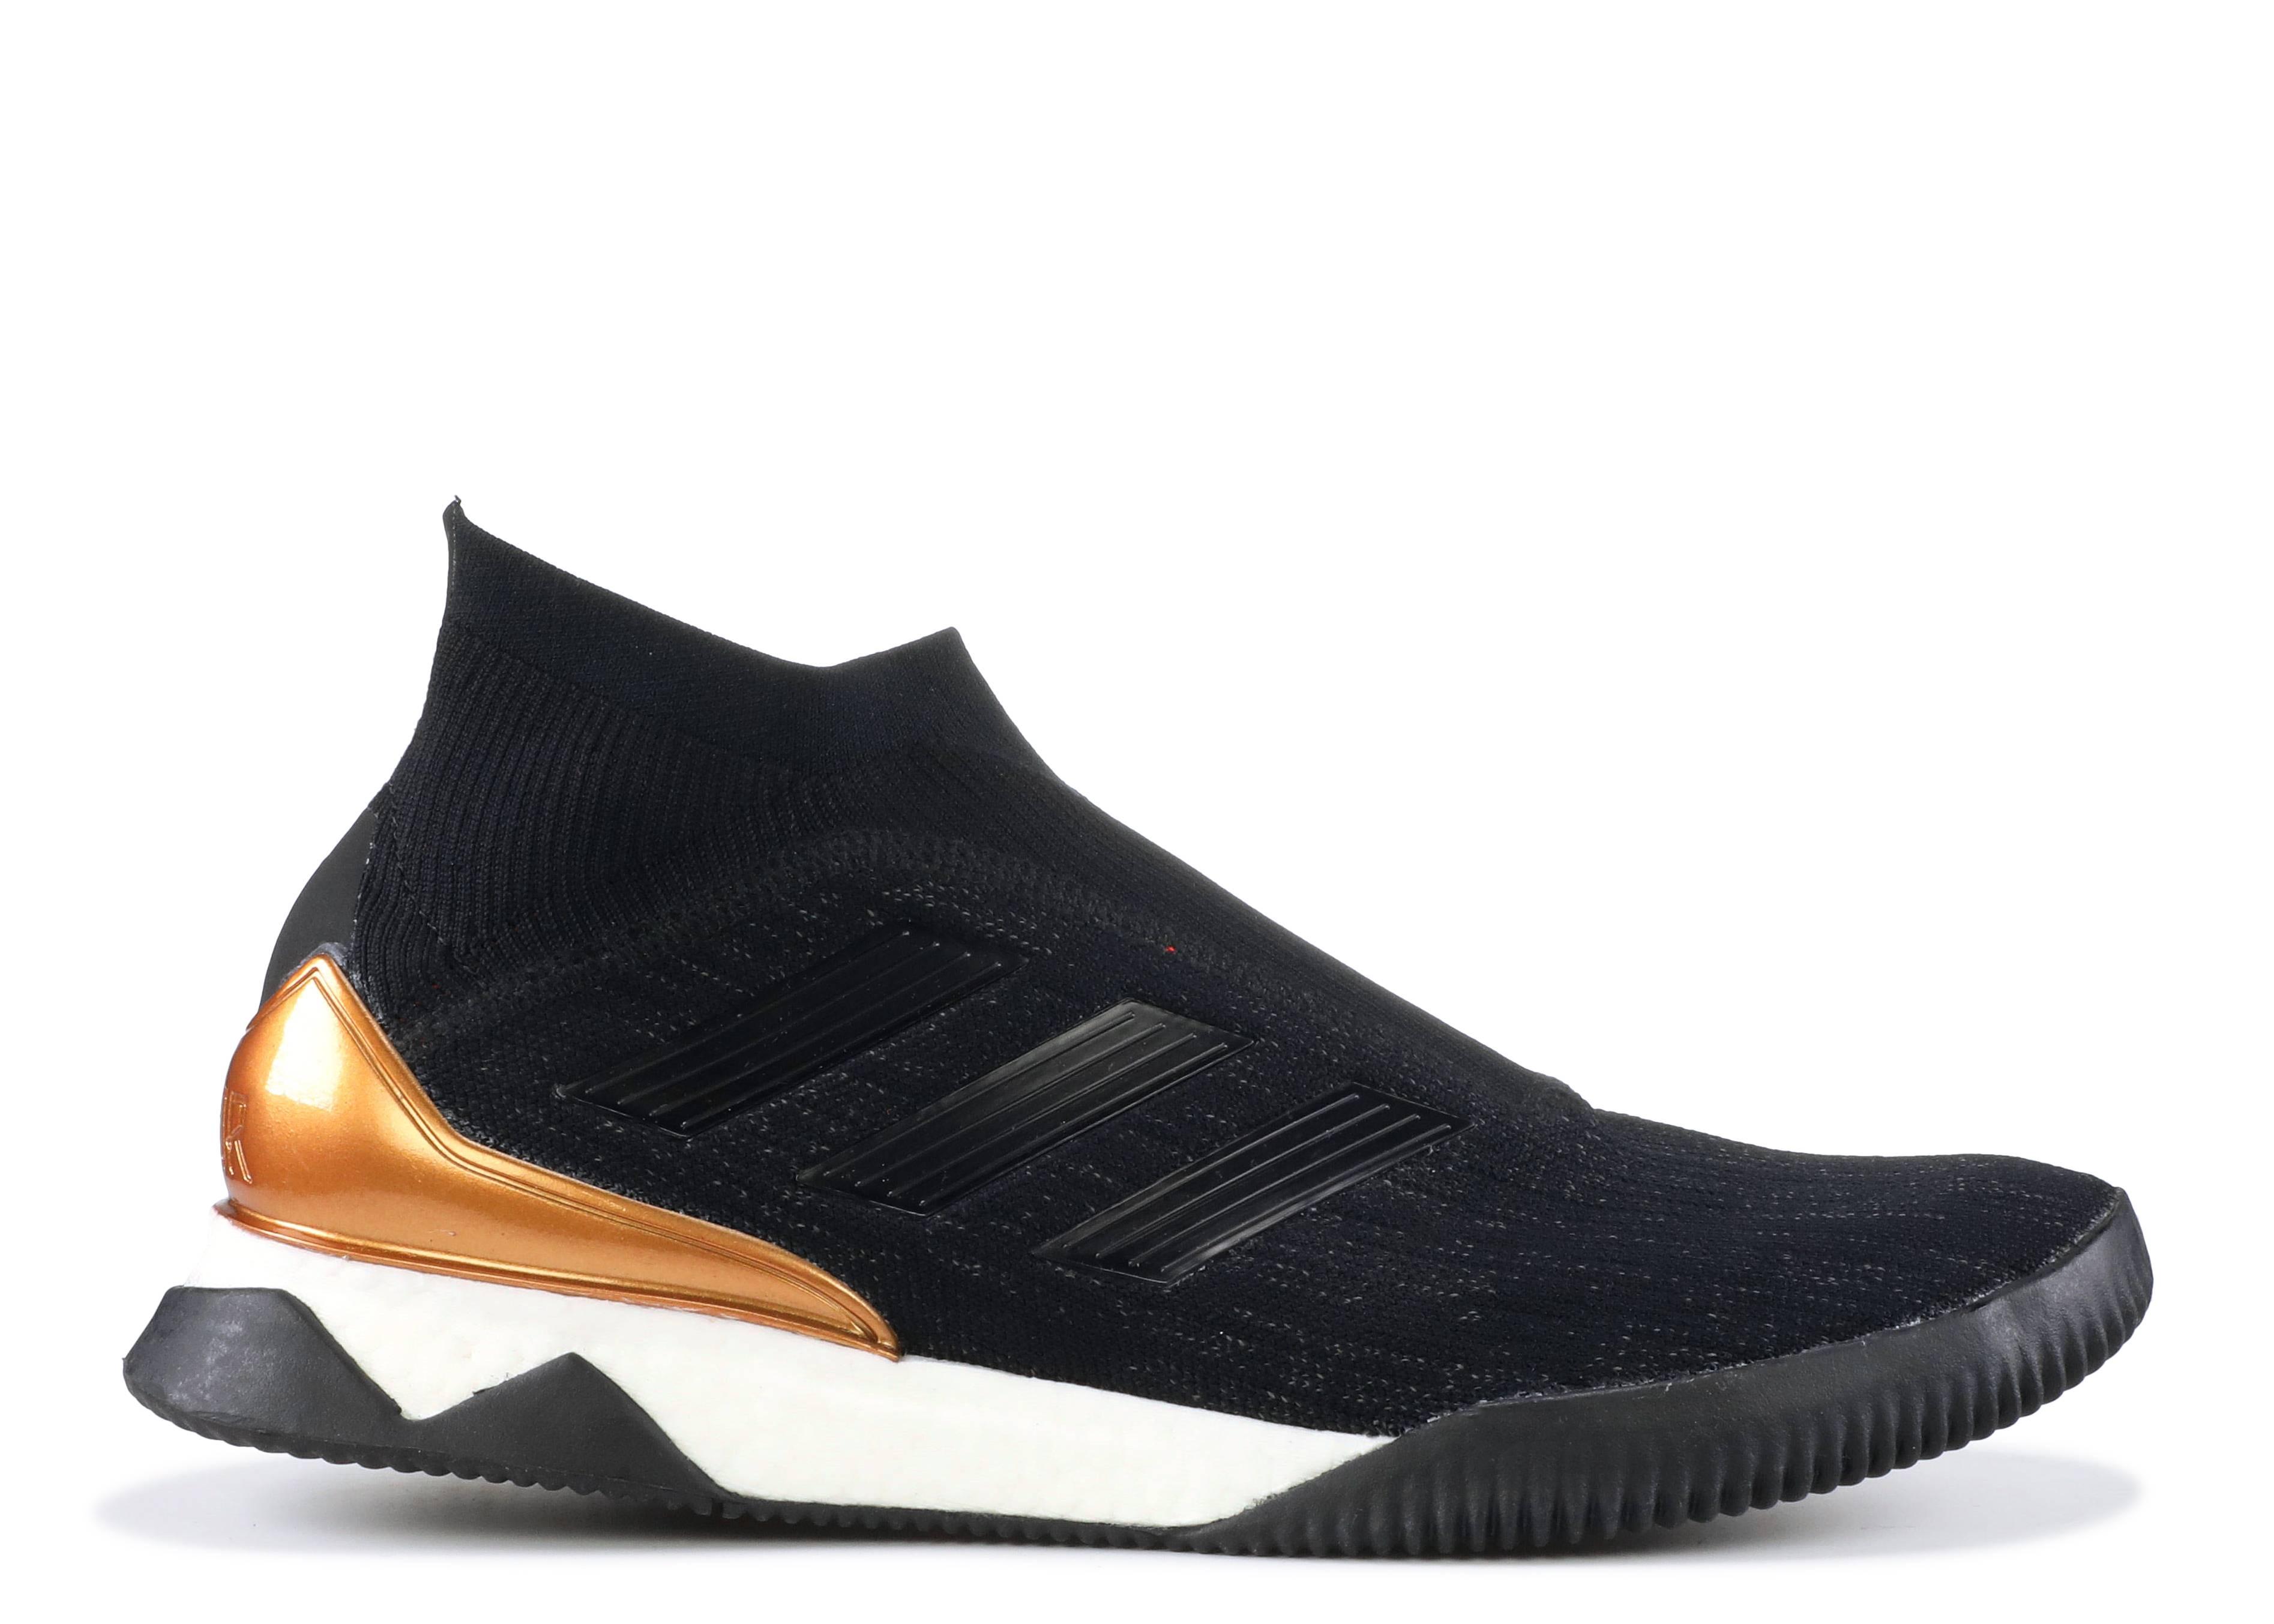 reputable site b9200 c4873 adidas. Predator Tango 18 +